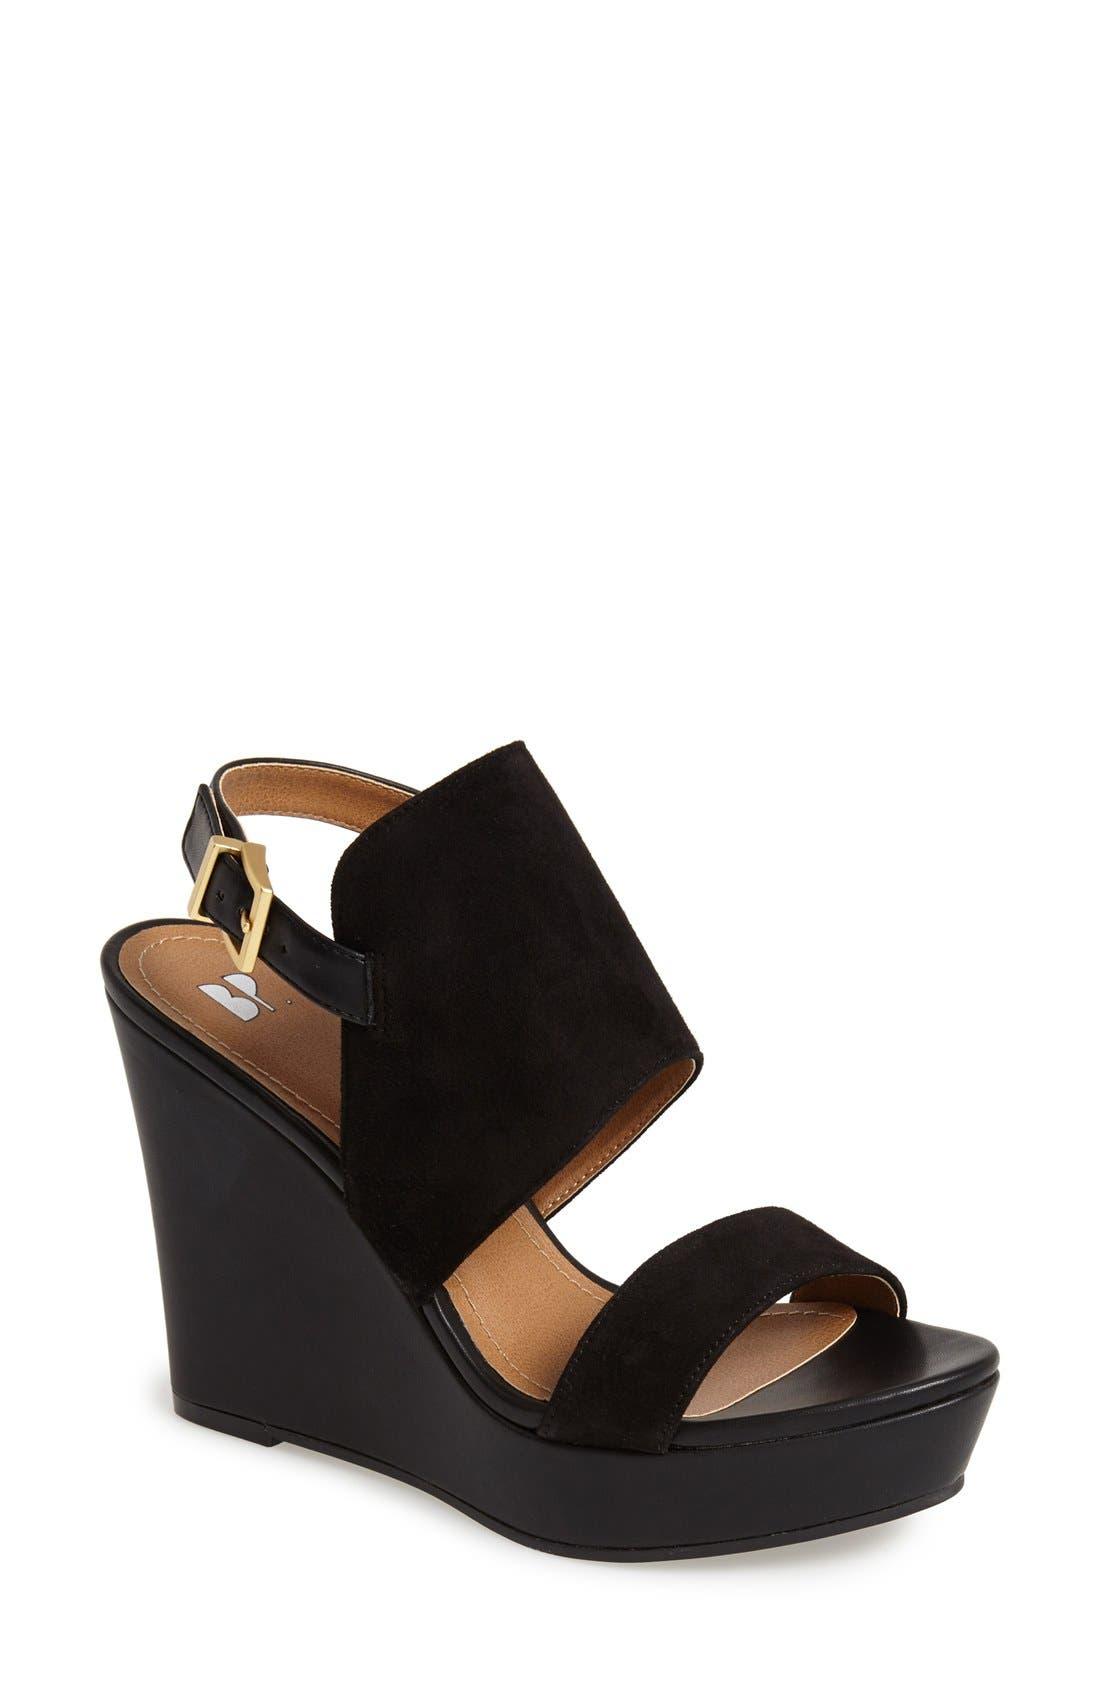 BP. 'Lena' Wedge Sandal, Main, color, 001